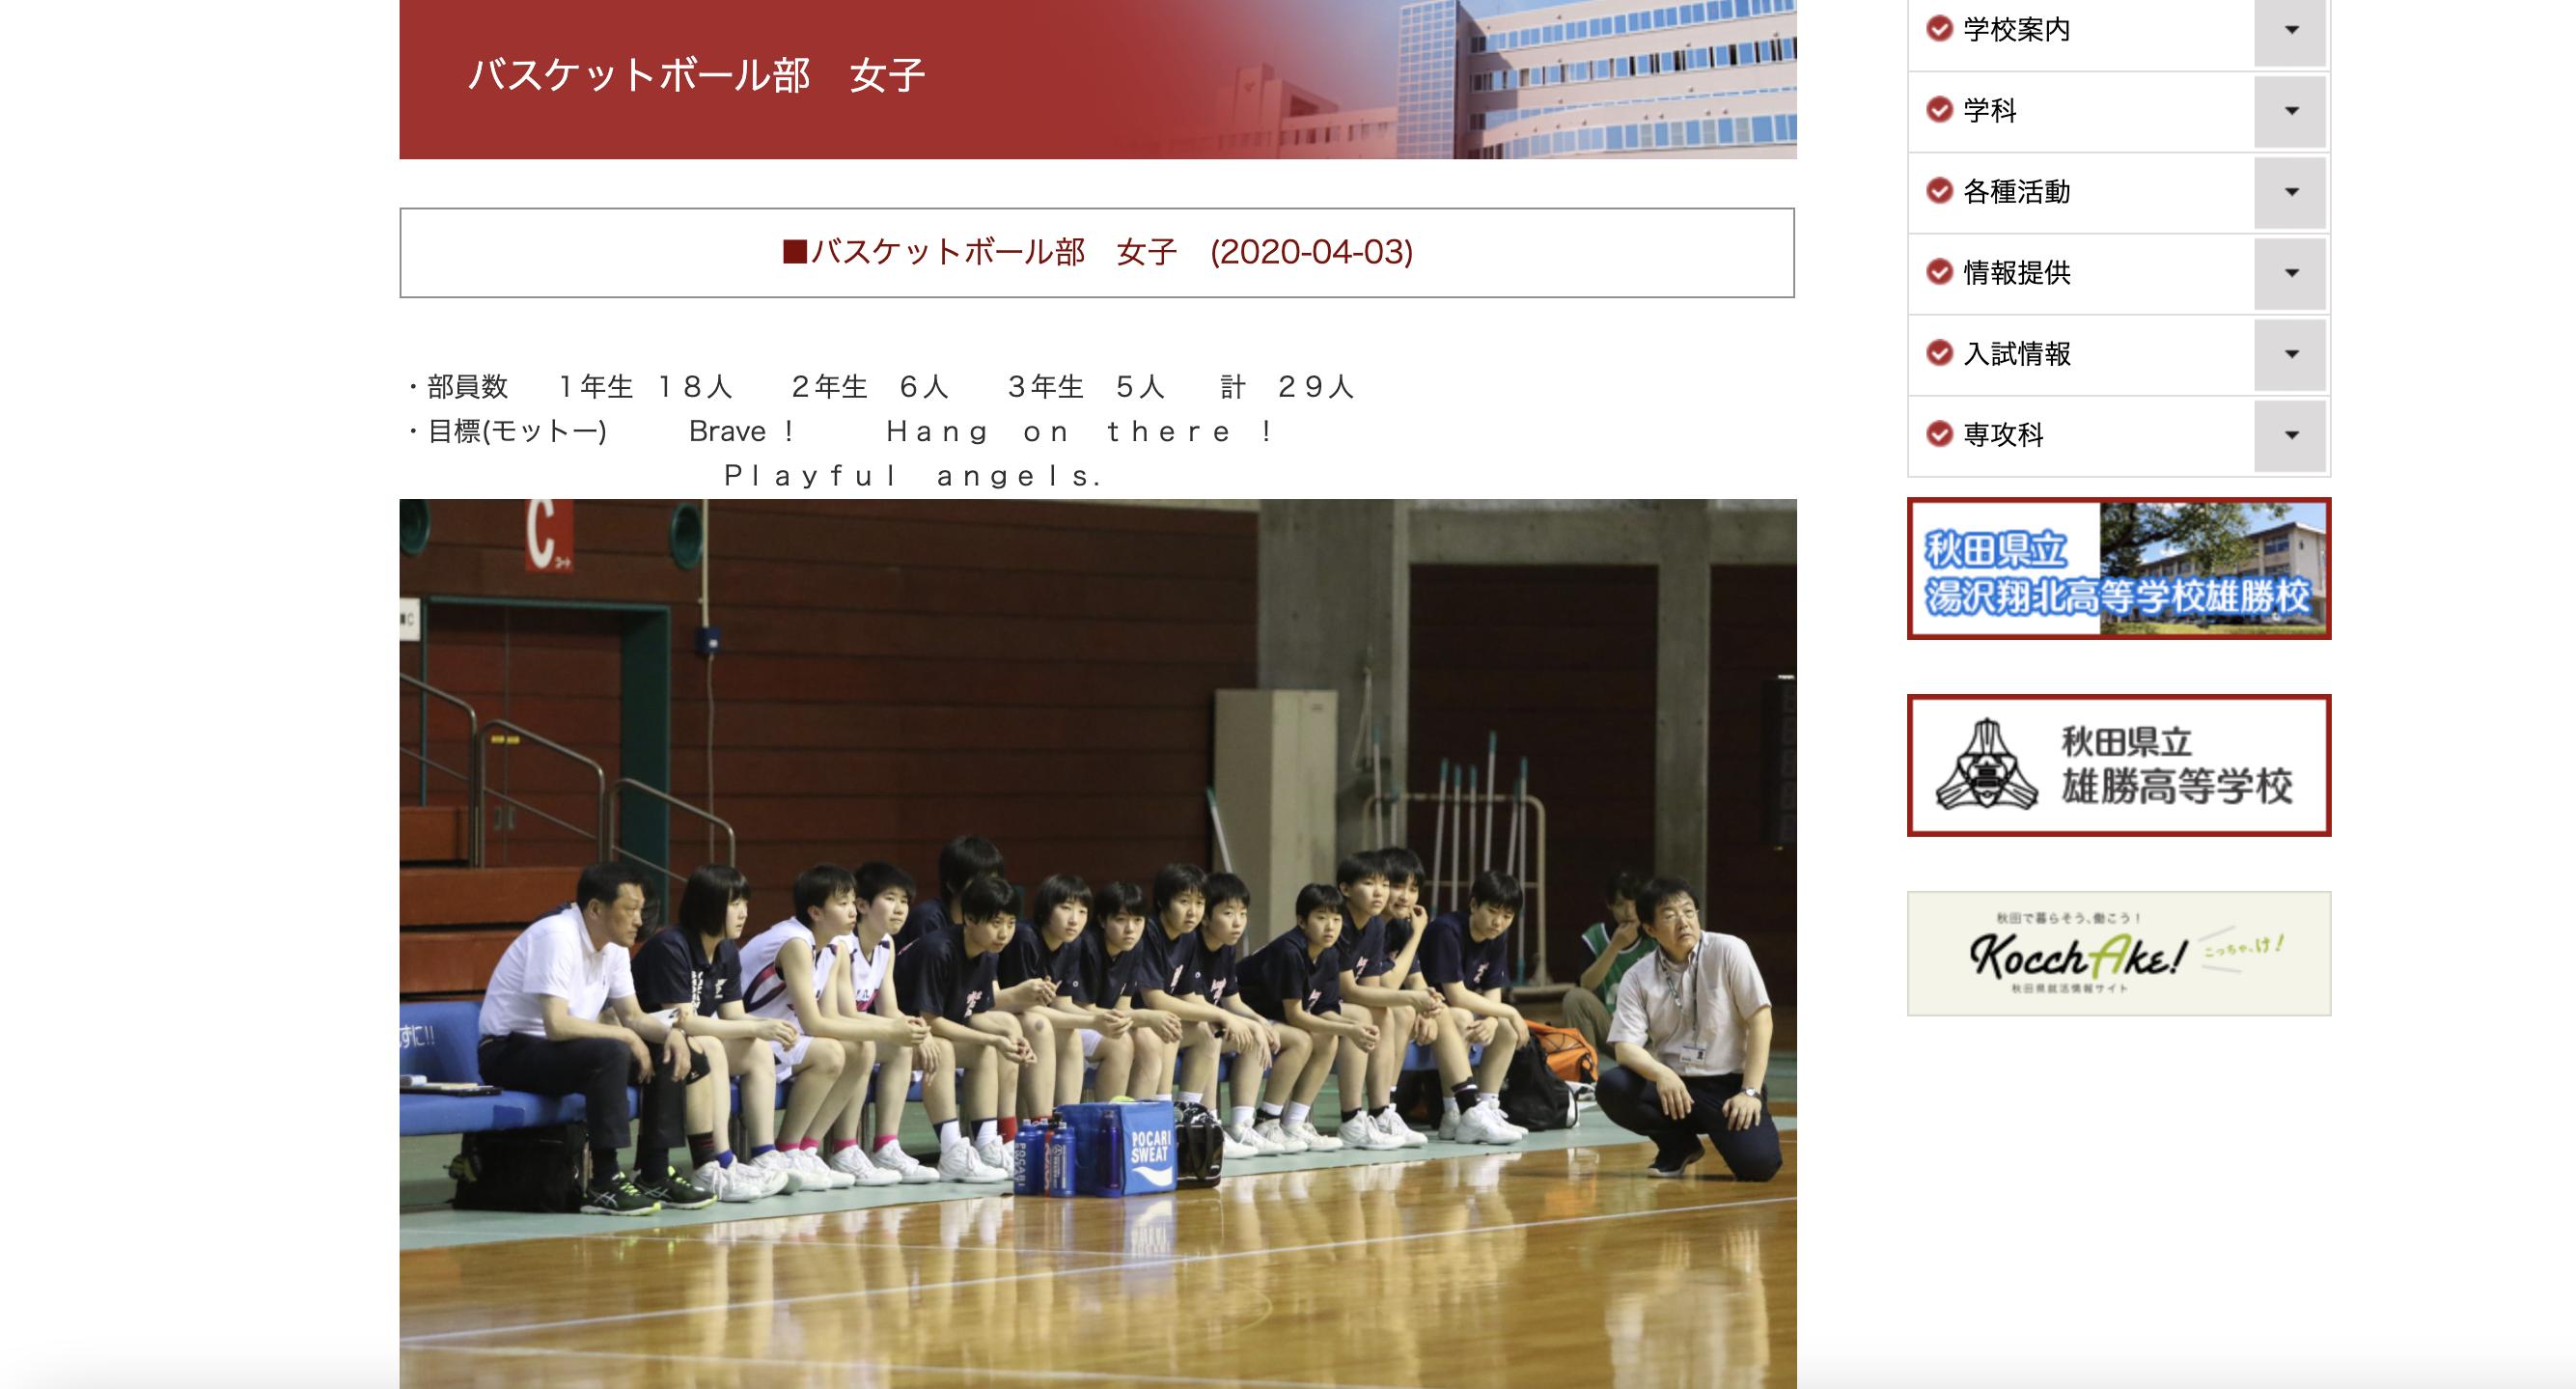 湯沢翔北女子バスケットボール部